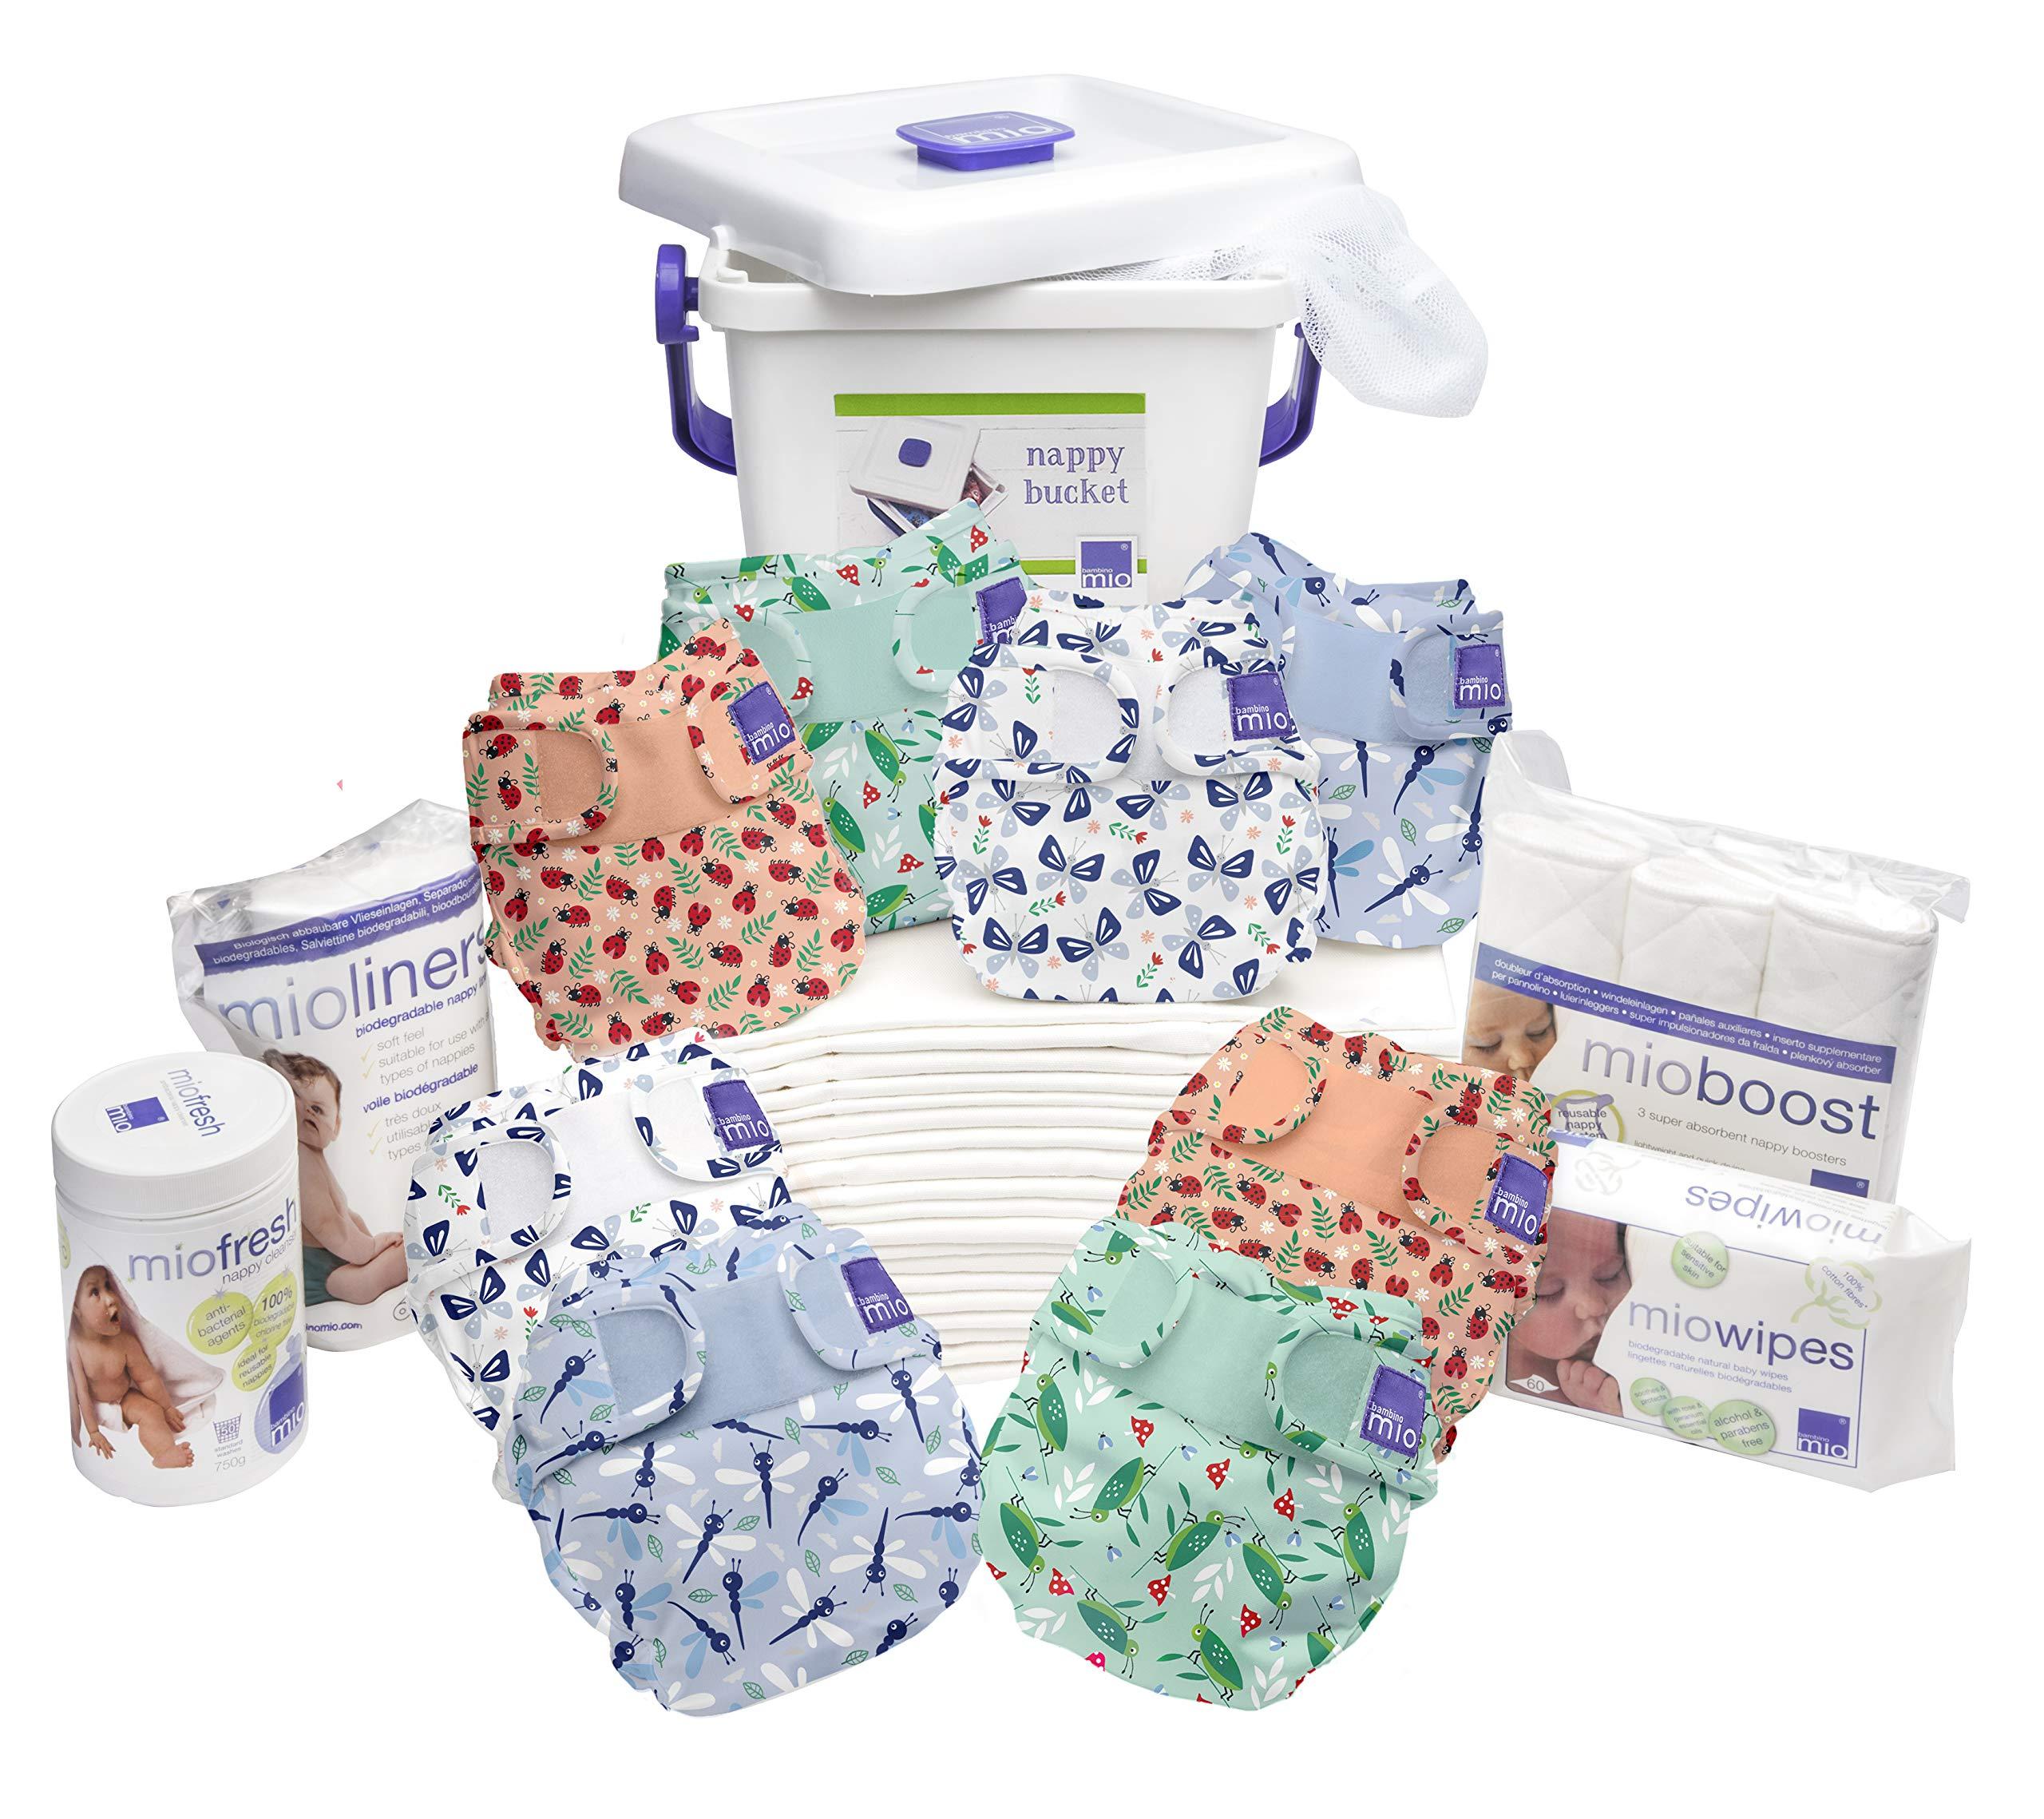 Bambino Mio Miosoft Premium Birth to Potty Pack Bug's Life